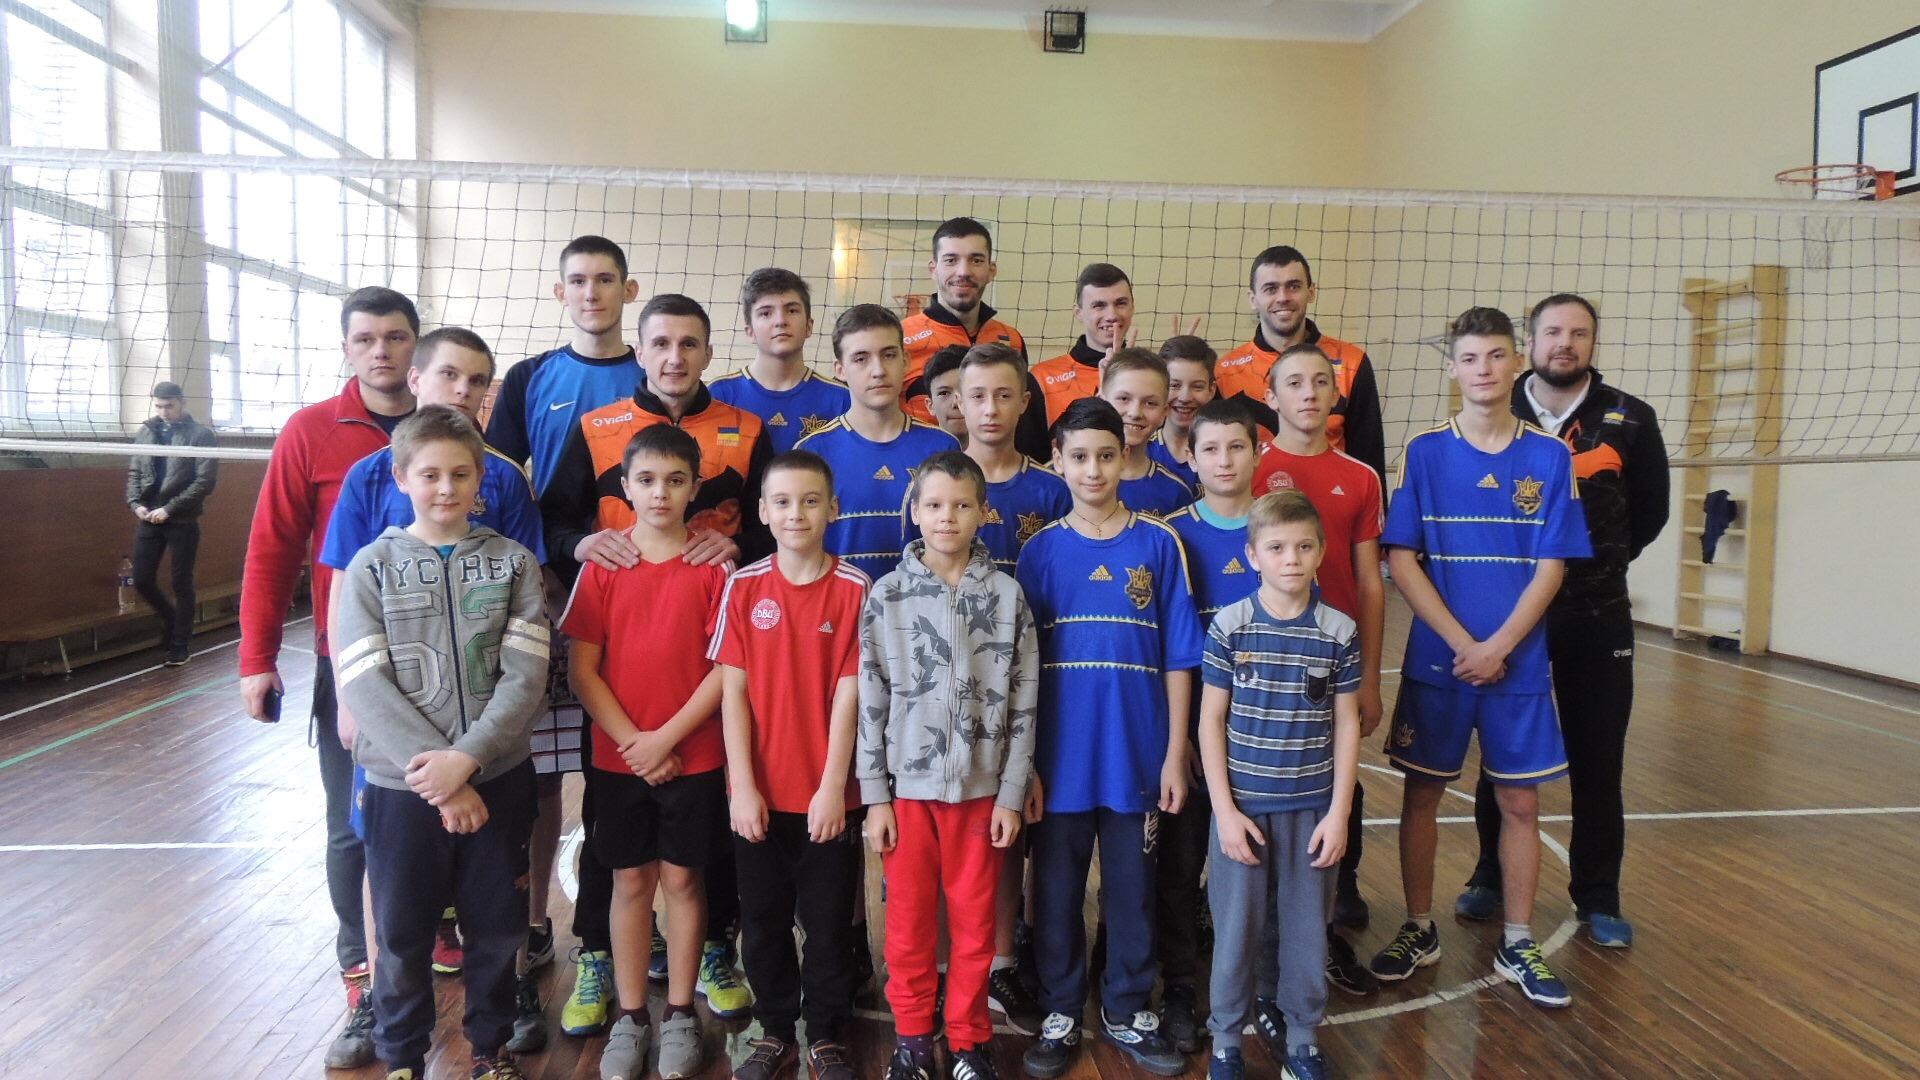 Львівські «кажани» провели волейбольний майстер-клас для школярів